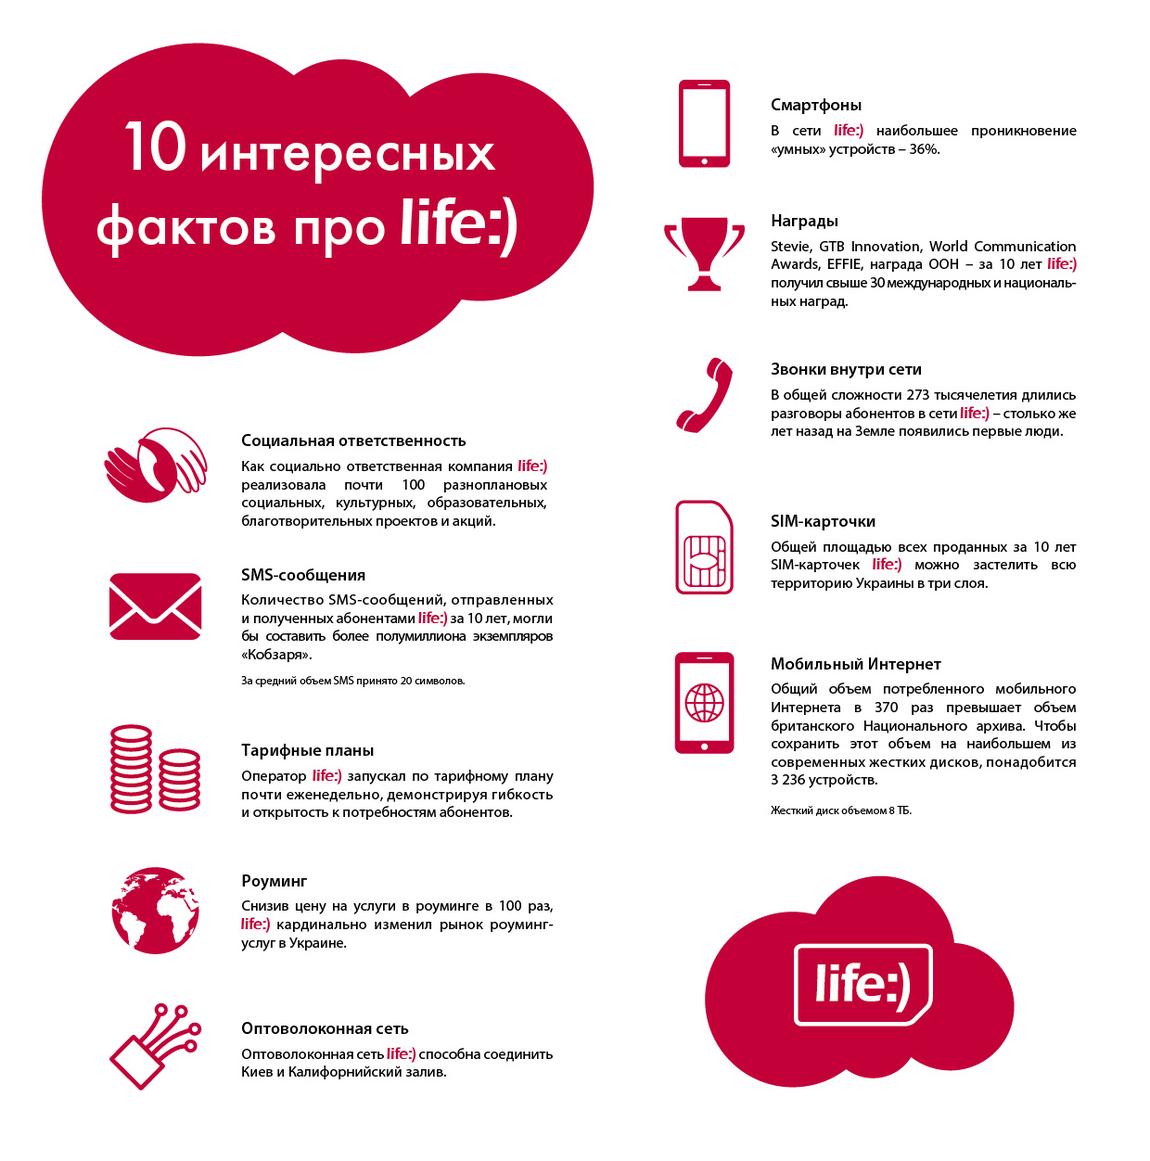 Оператор мобильной связи life:) отметил 10-летие своей деятельности на украинском рынке телекоммуникаций и подготовил 10 интересных фактов к своему юбилею.